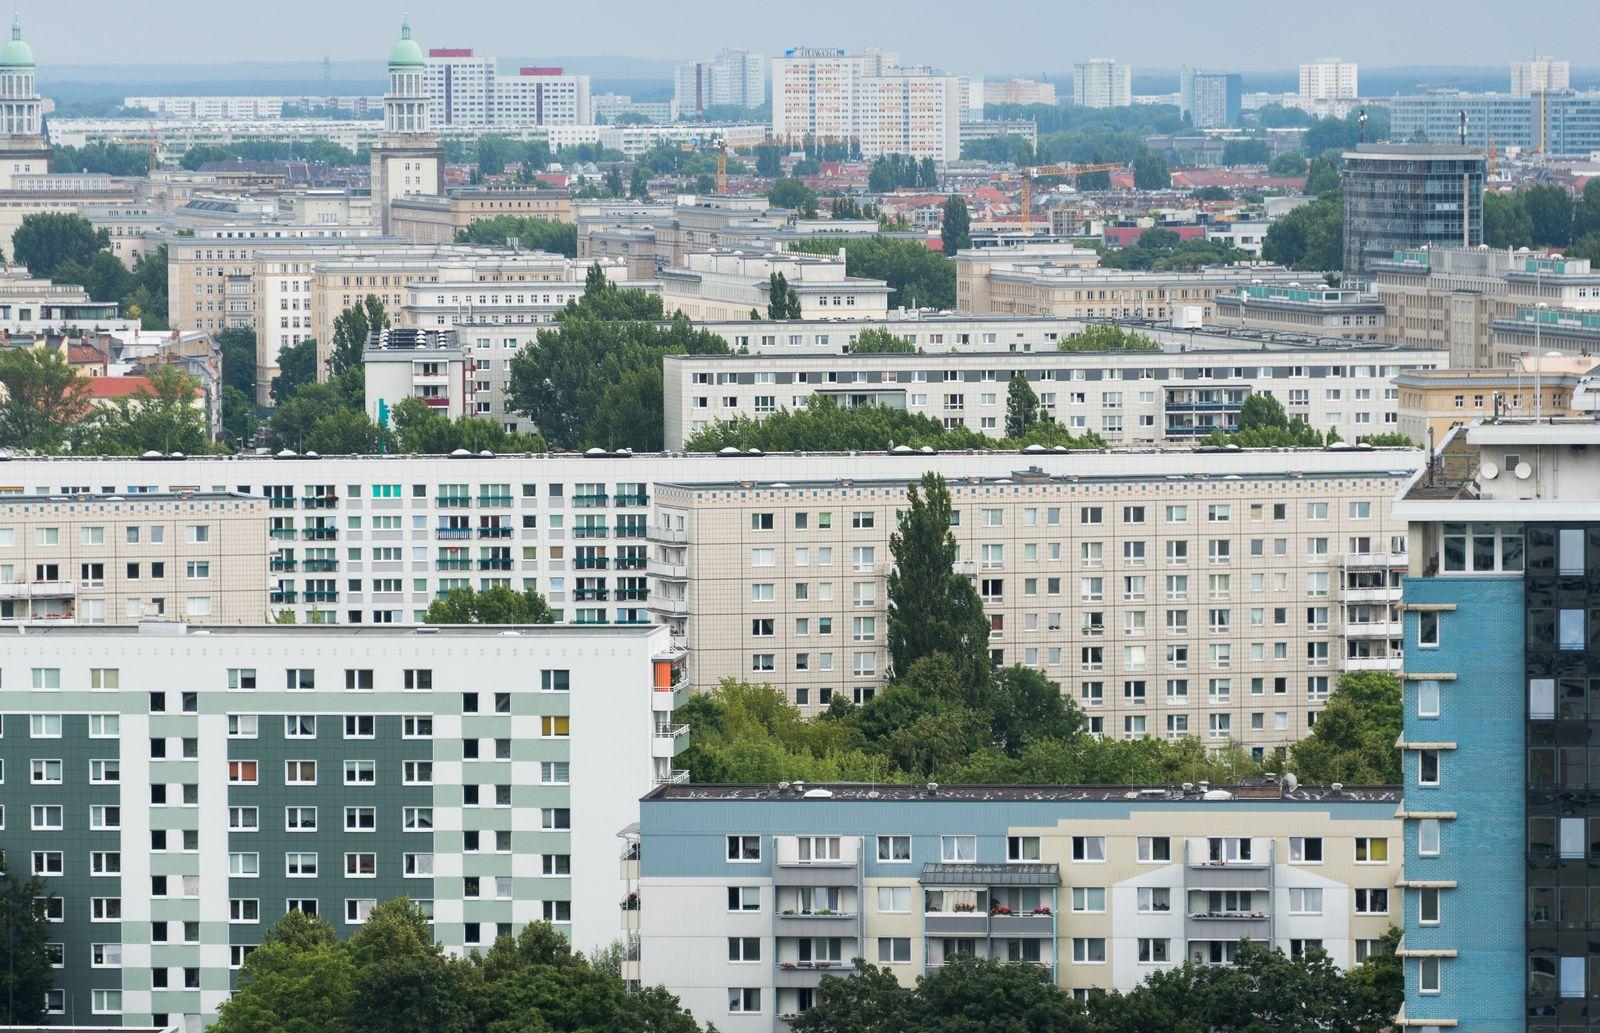 Berlin / Wohnen / Wohnblocks / Miete